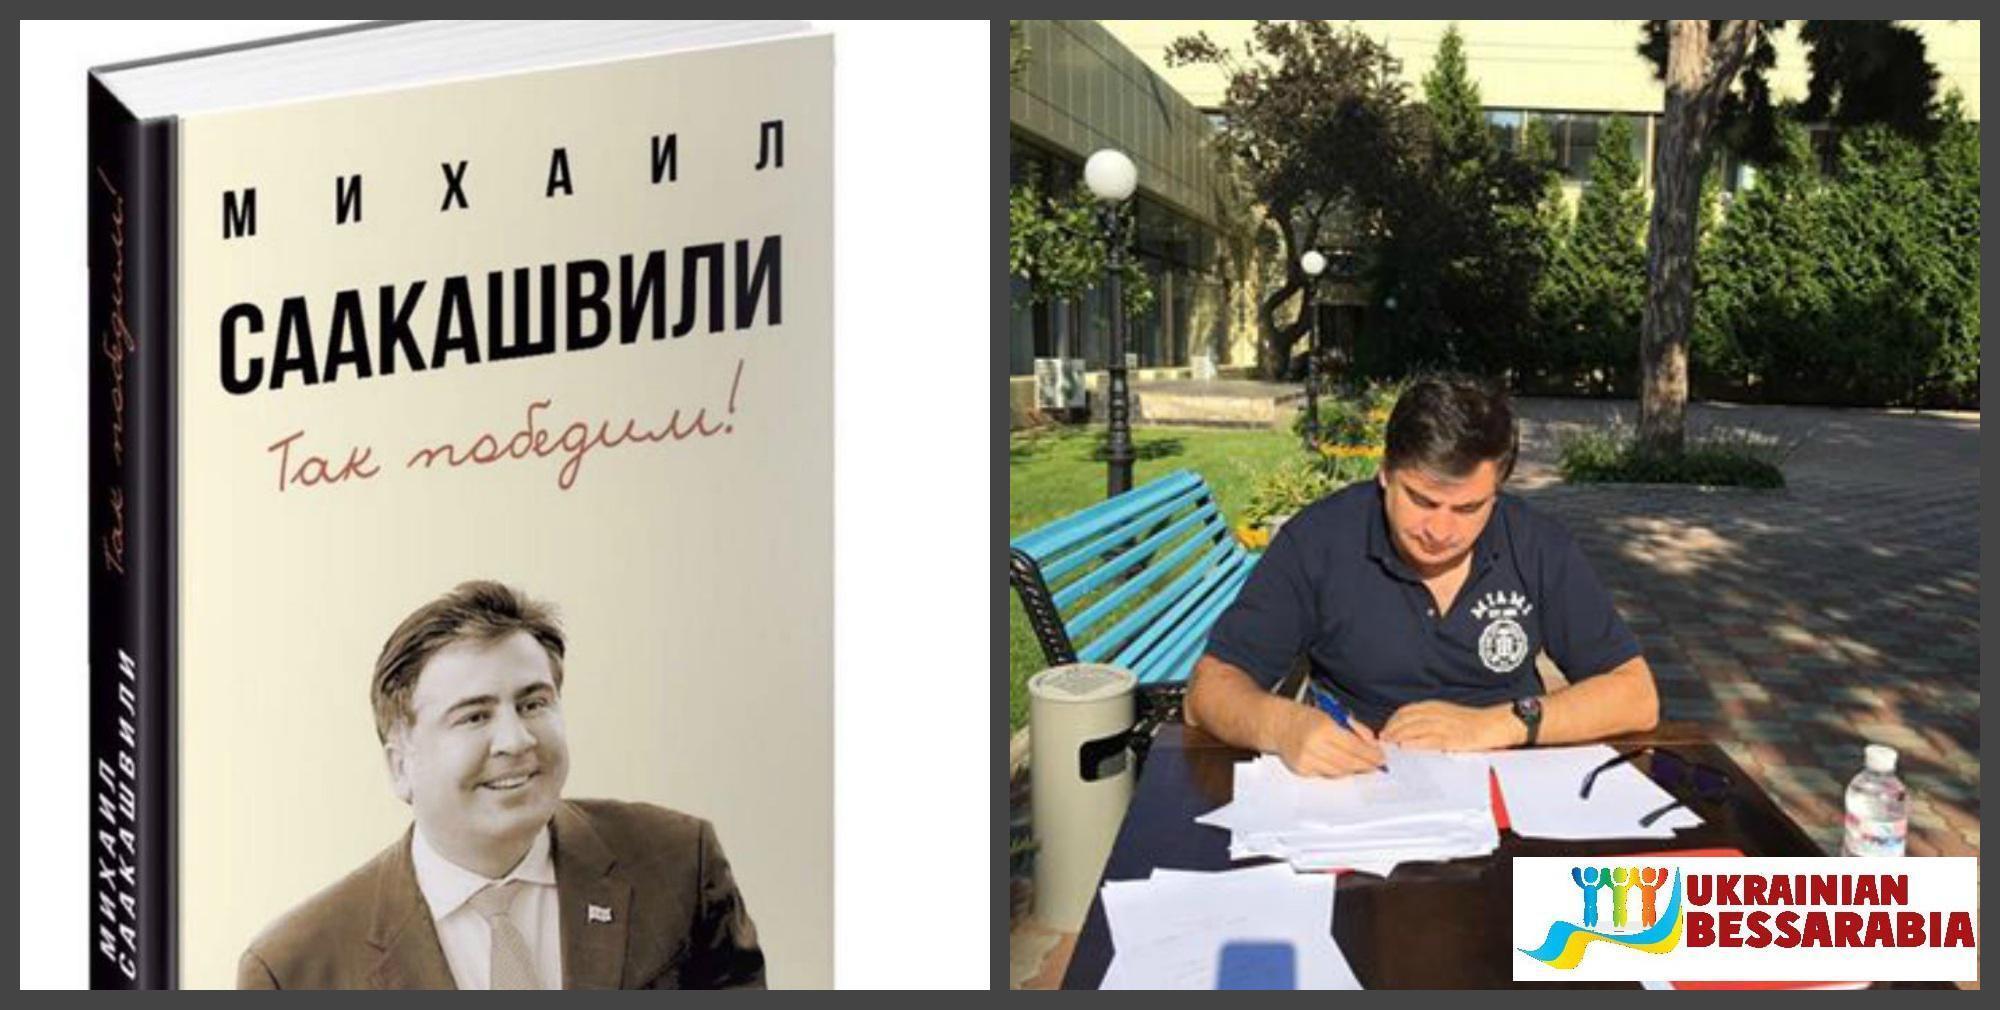 Саакашвили пишет книгу о себе